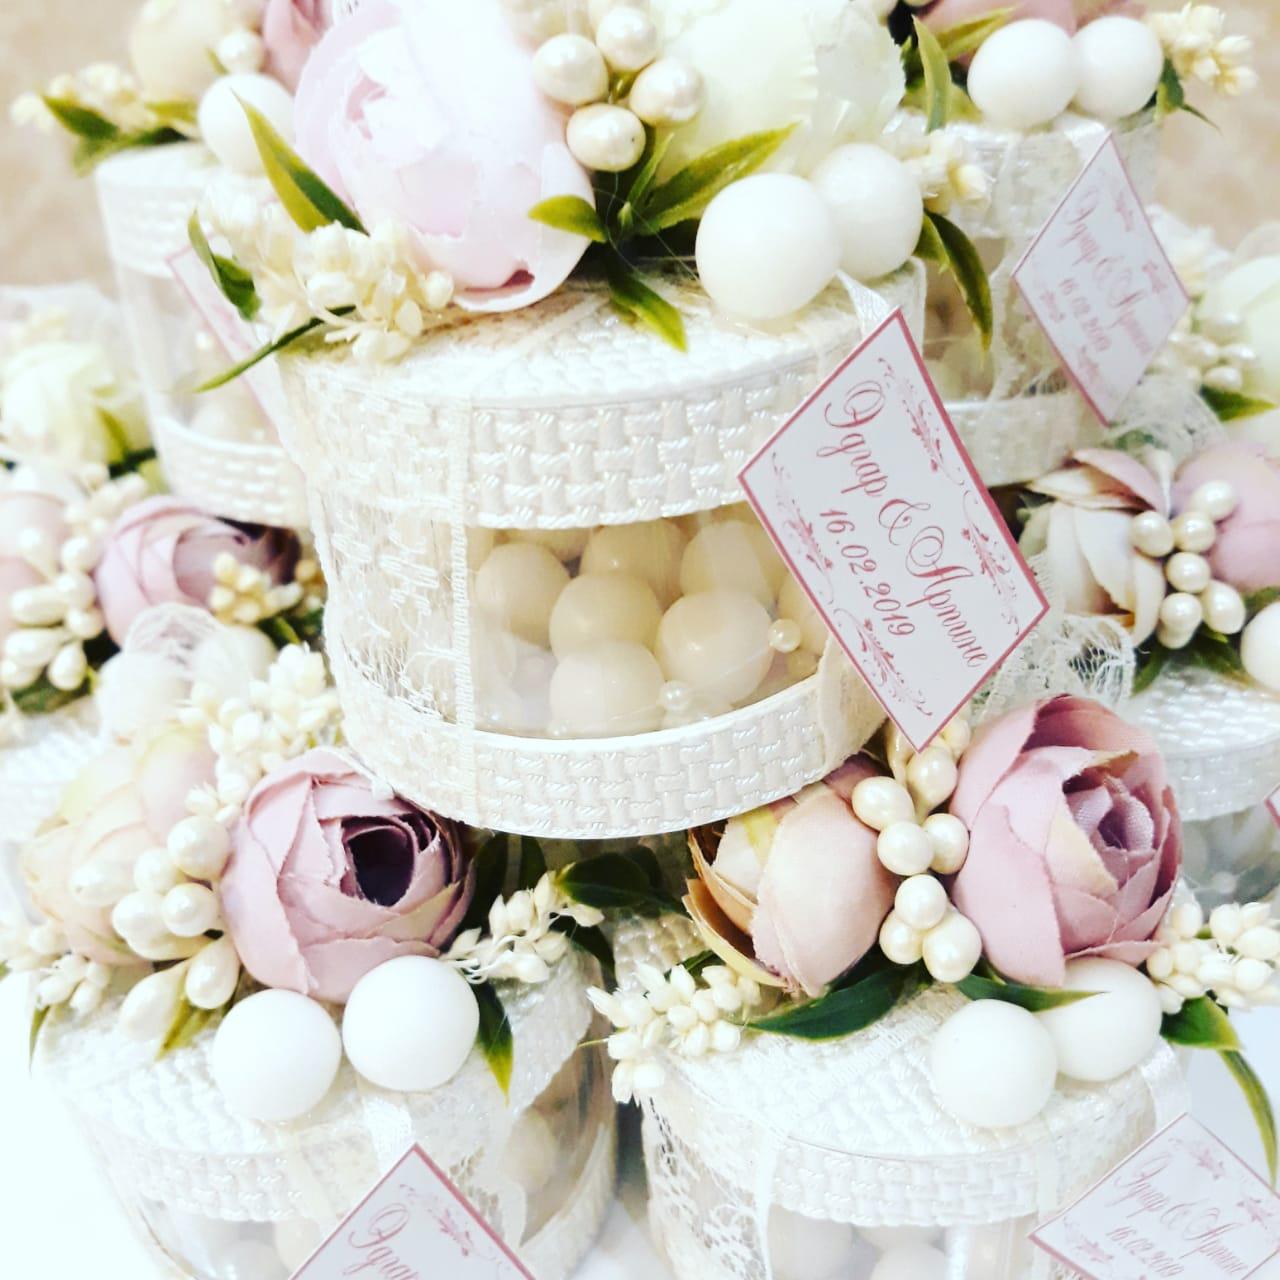 #свадебныетаросикиспб#таросикиспб